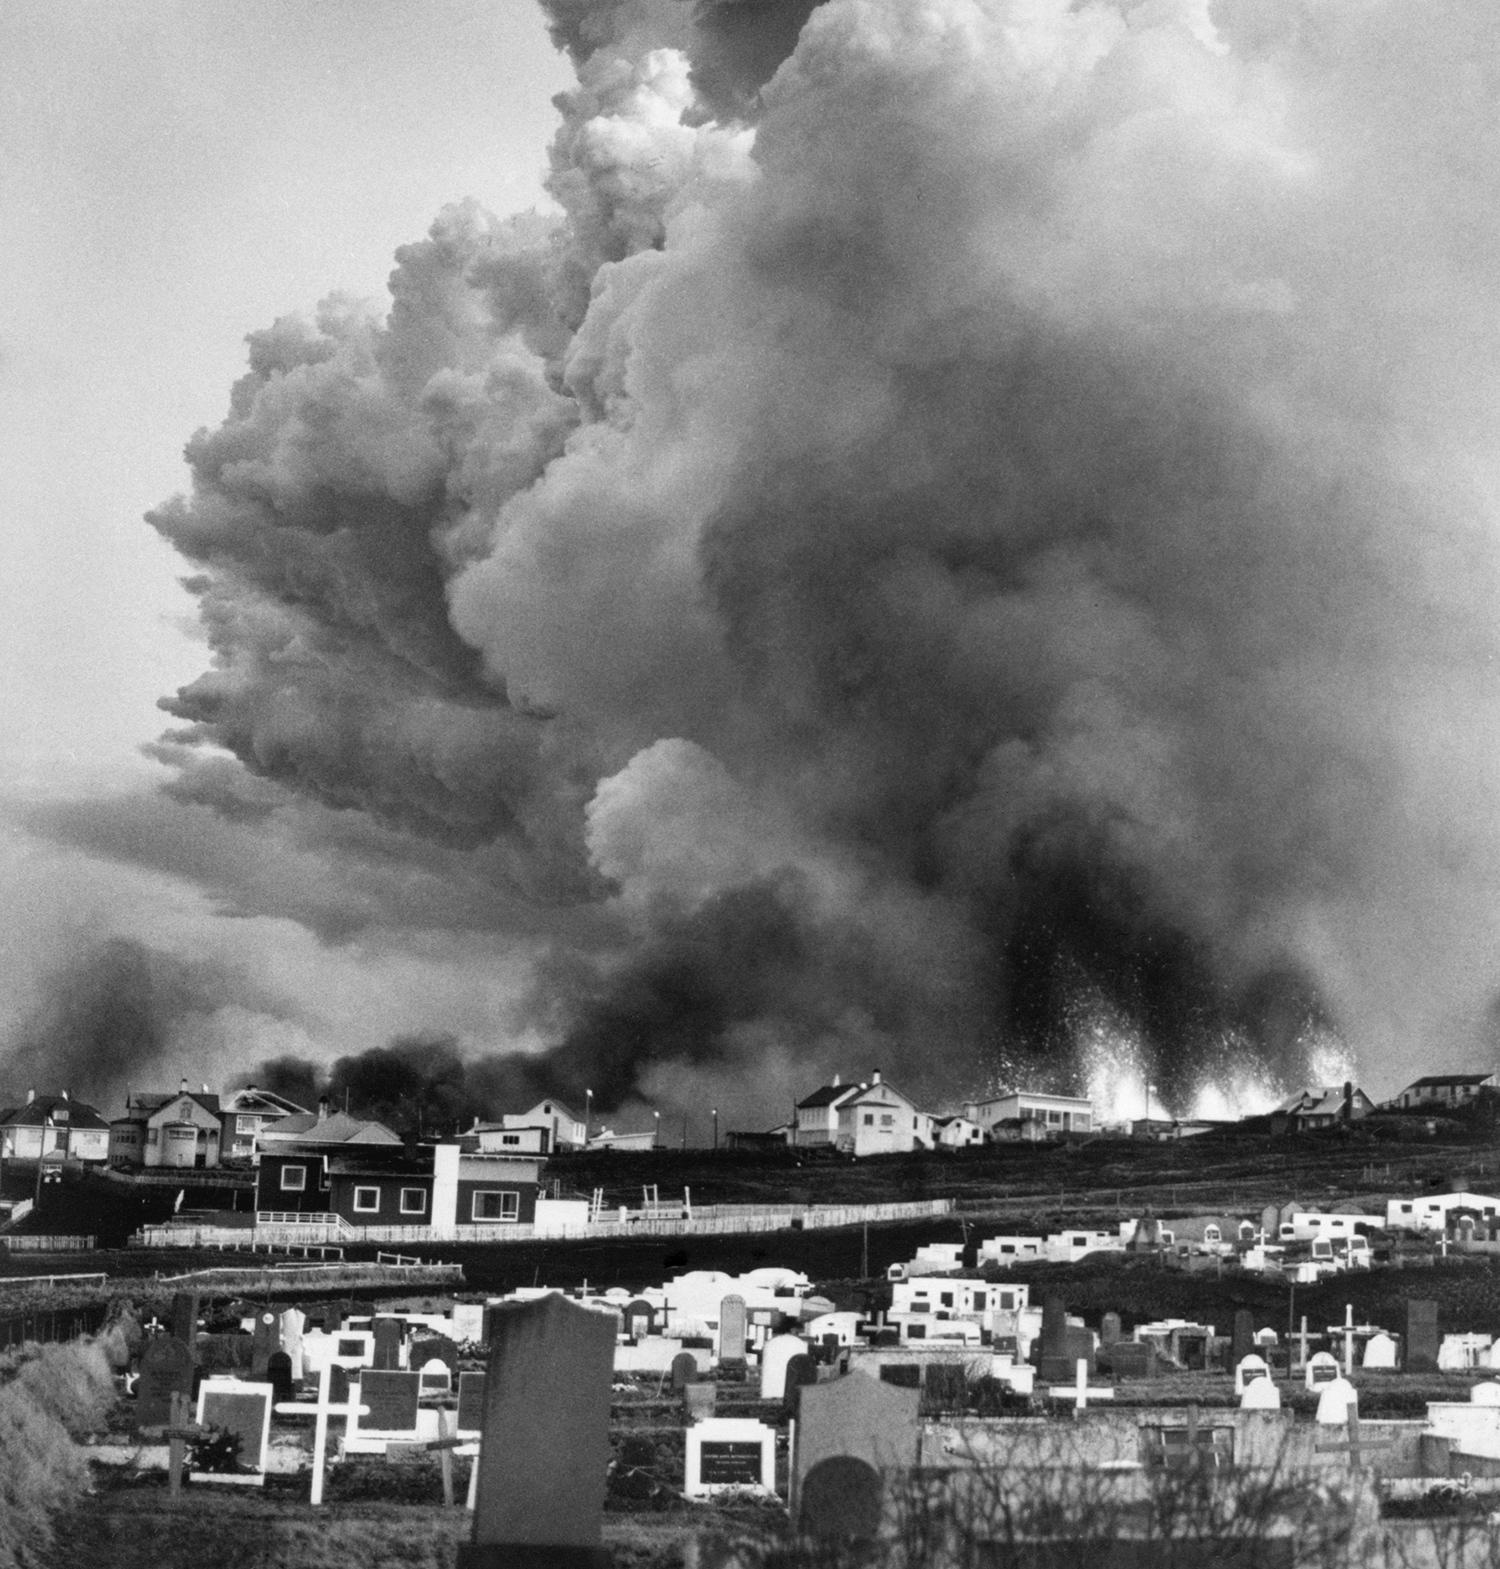 25 января. Облака пара и пепла над островом после извержения вулкана Эльдфедль